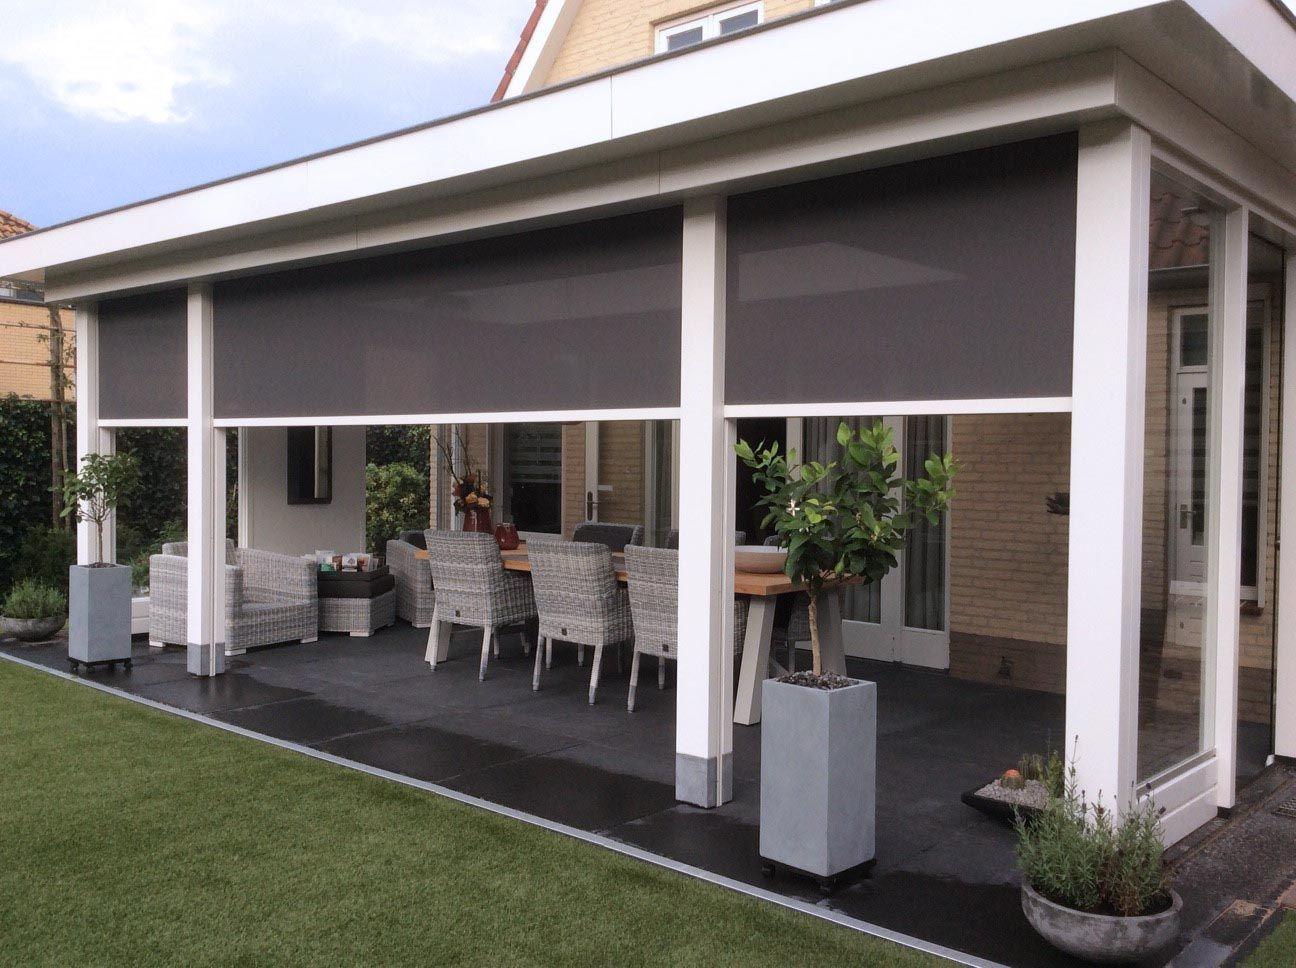 In Oosterhout uitgevoerd met screen » Klassieke Veranda | Balkon decoratie,  Buiten pergola, Veranda ontwerp